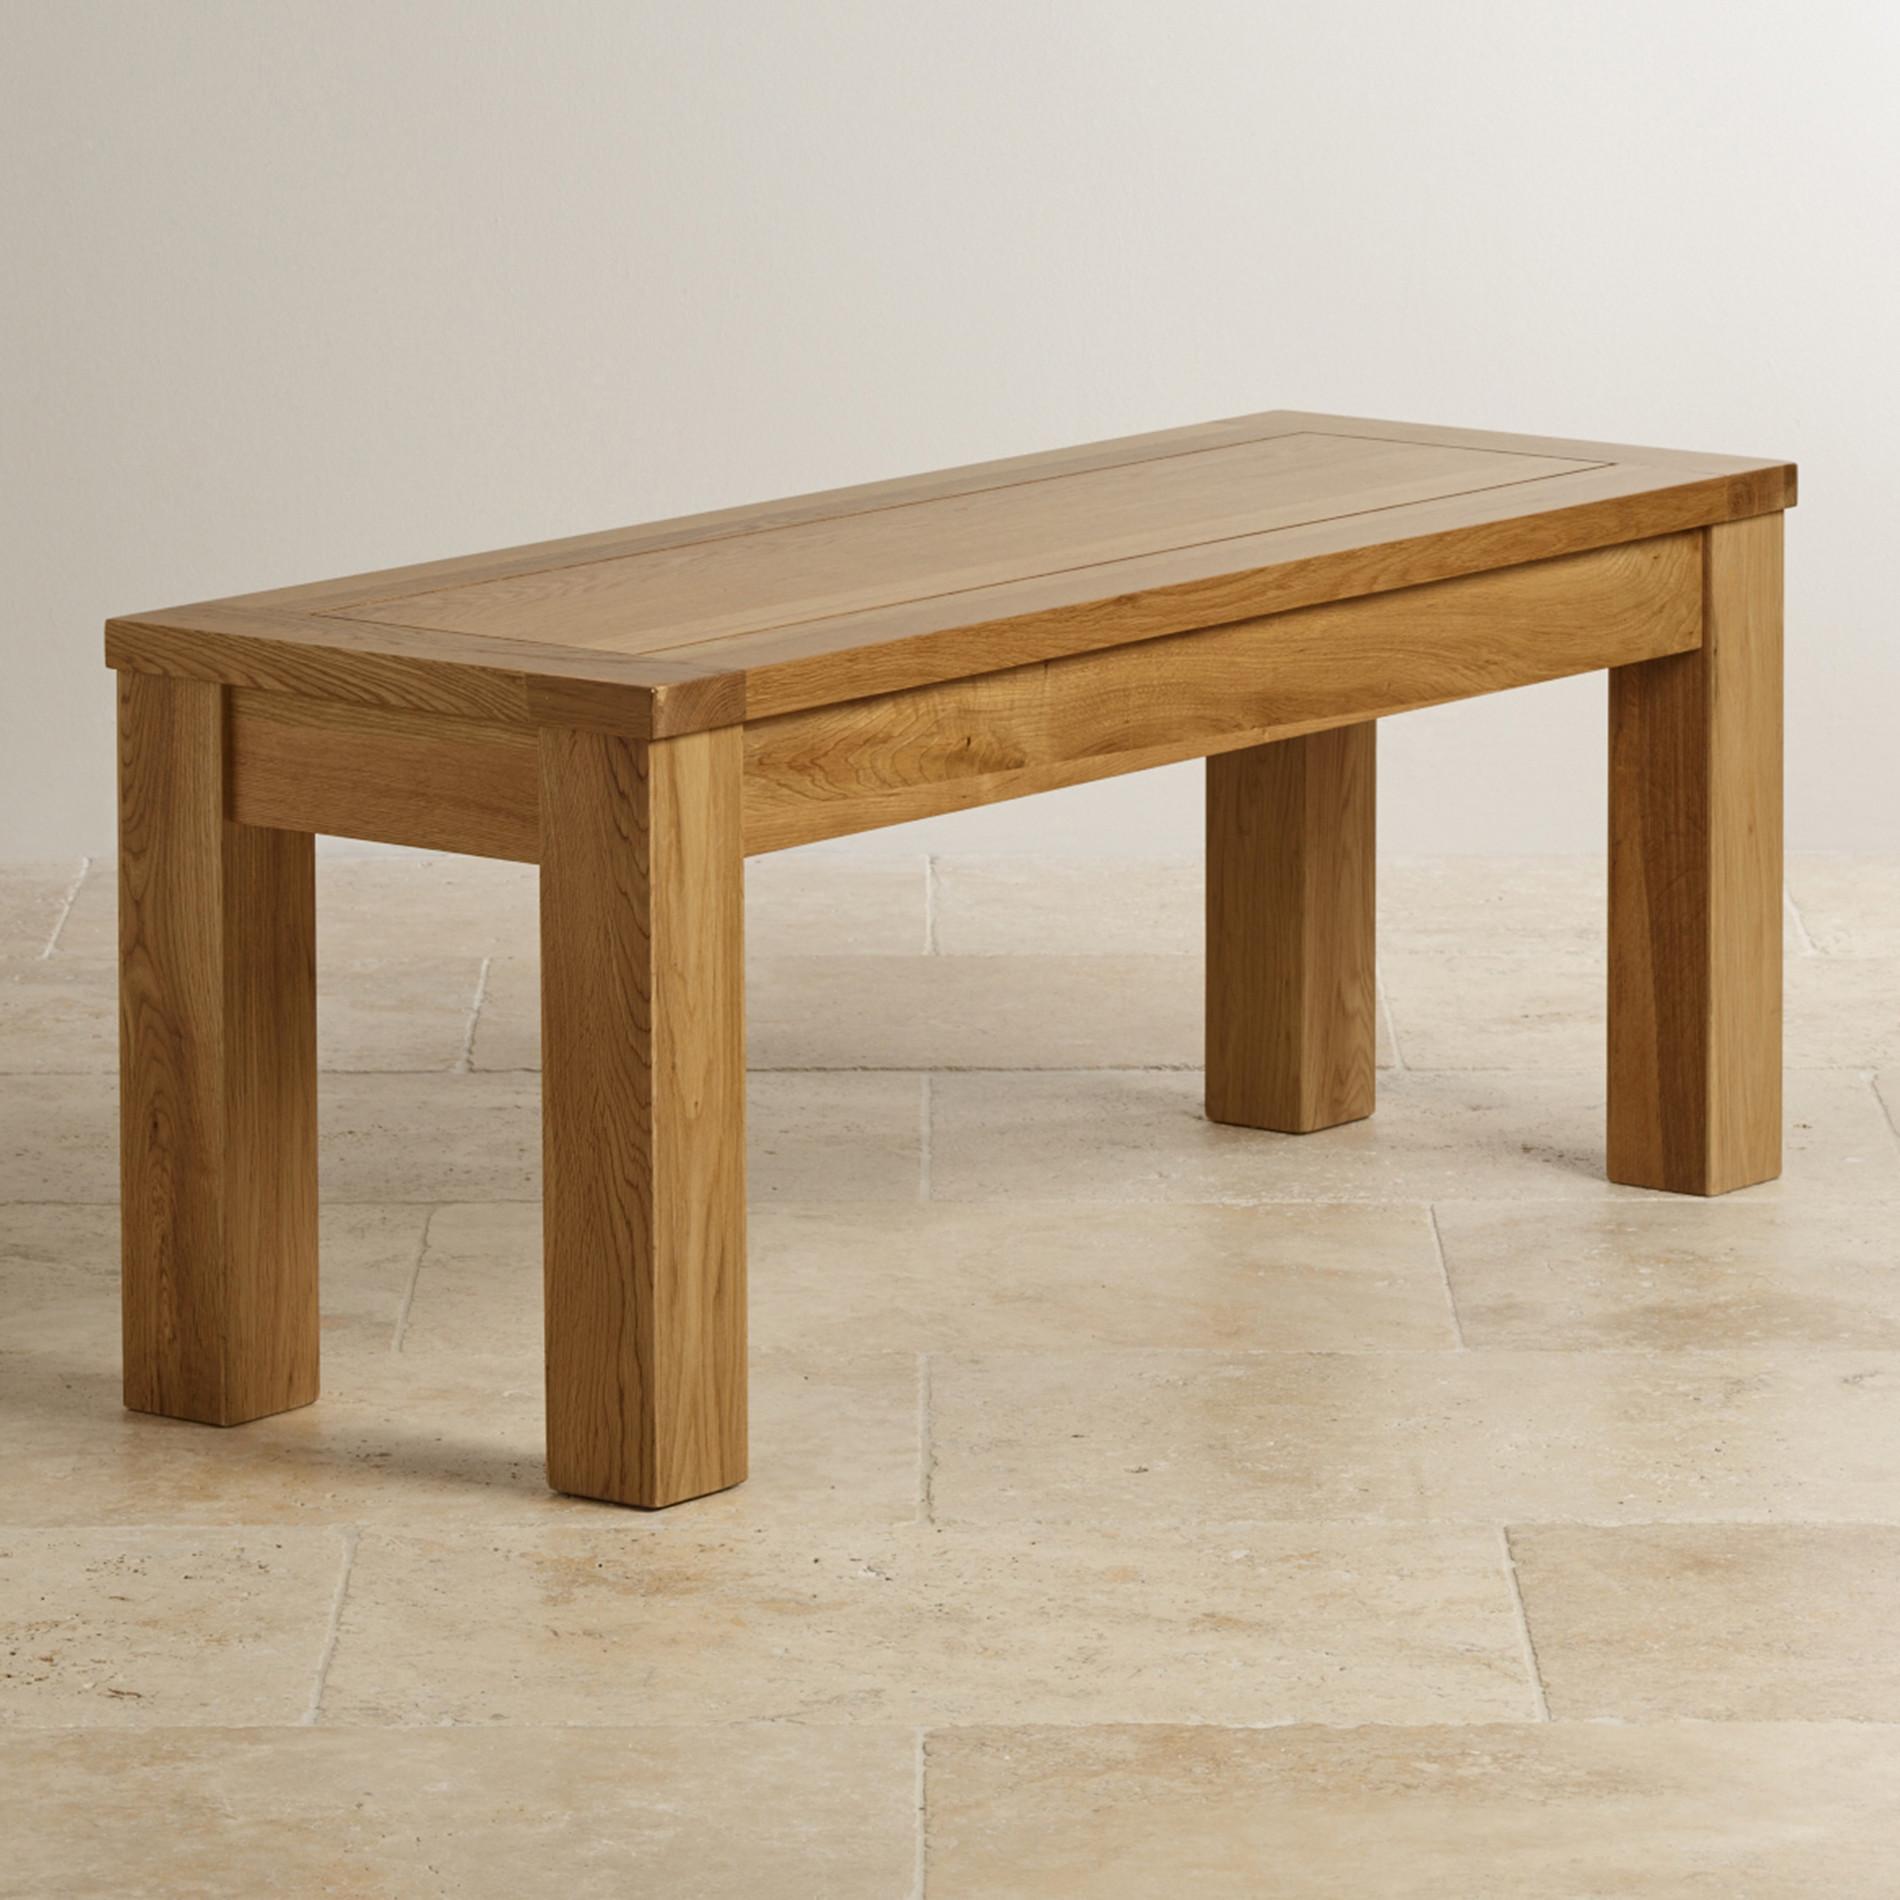 Original Rustic 3ft Bench In Rustic Oak Oak Furniture Land